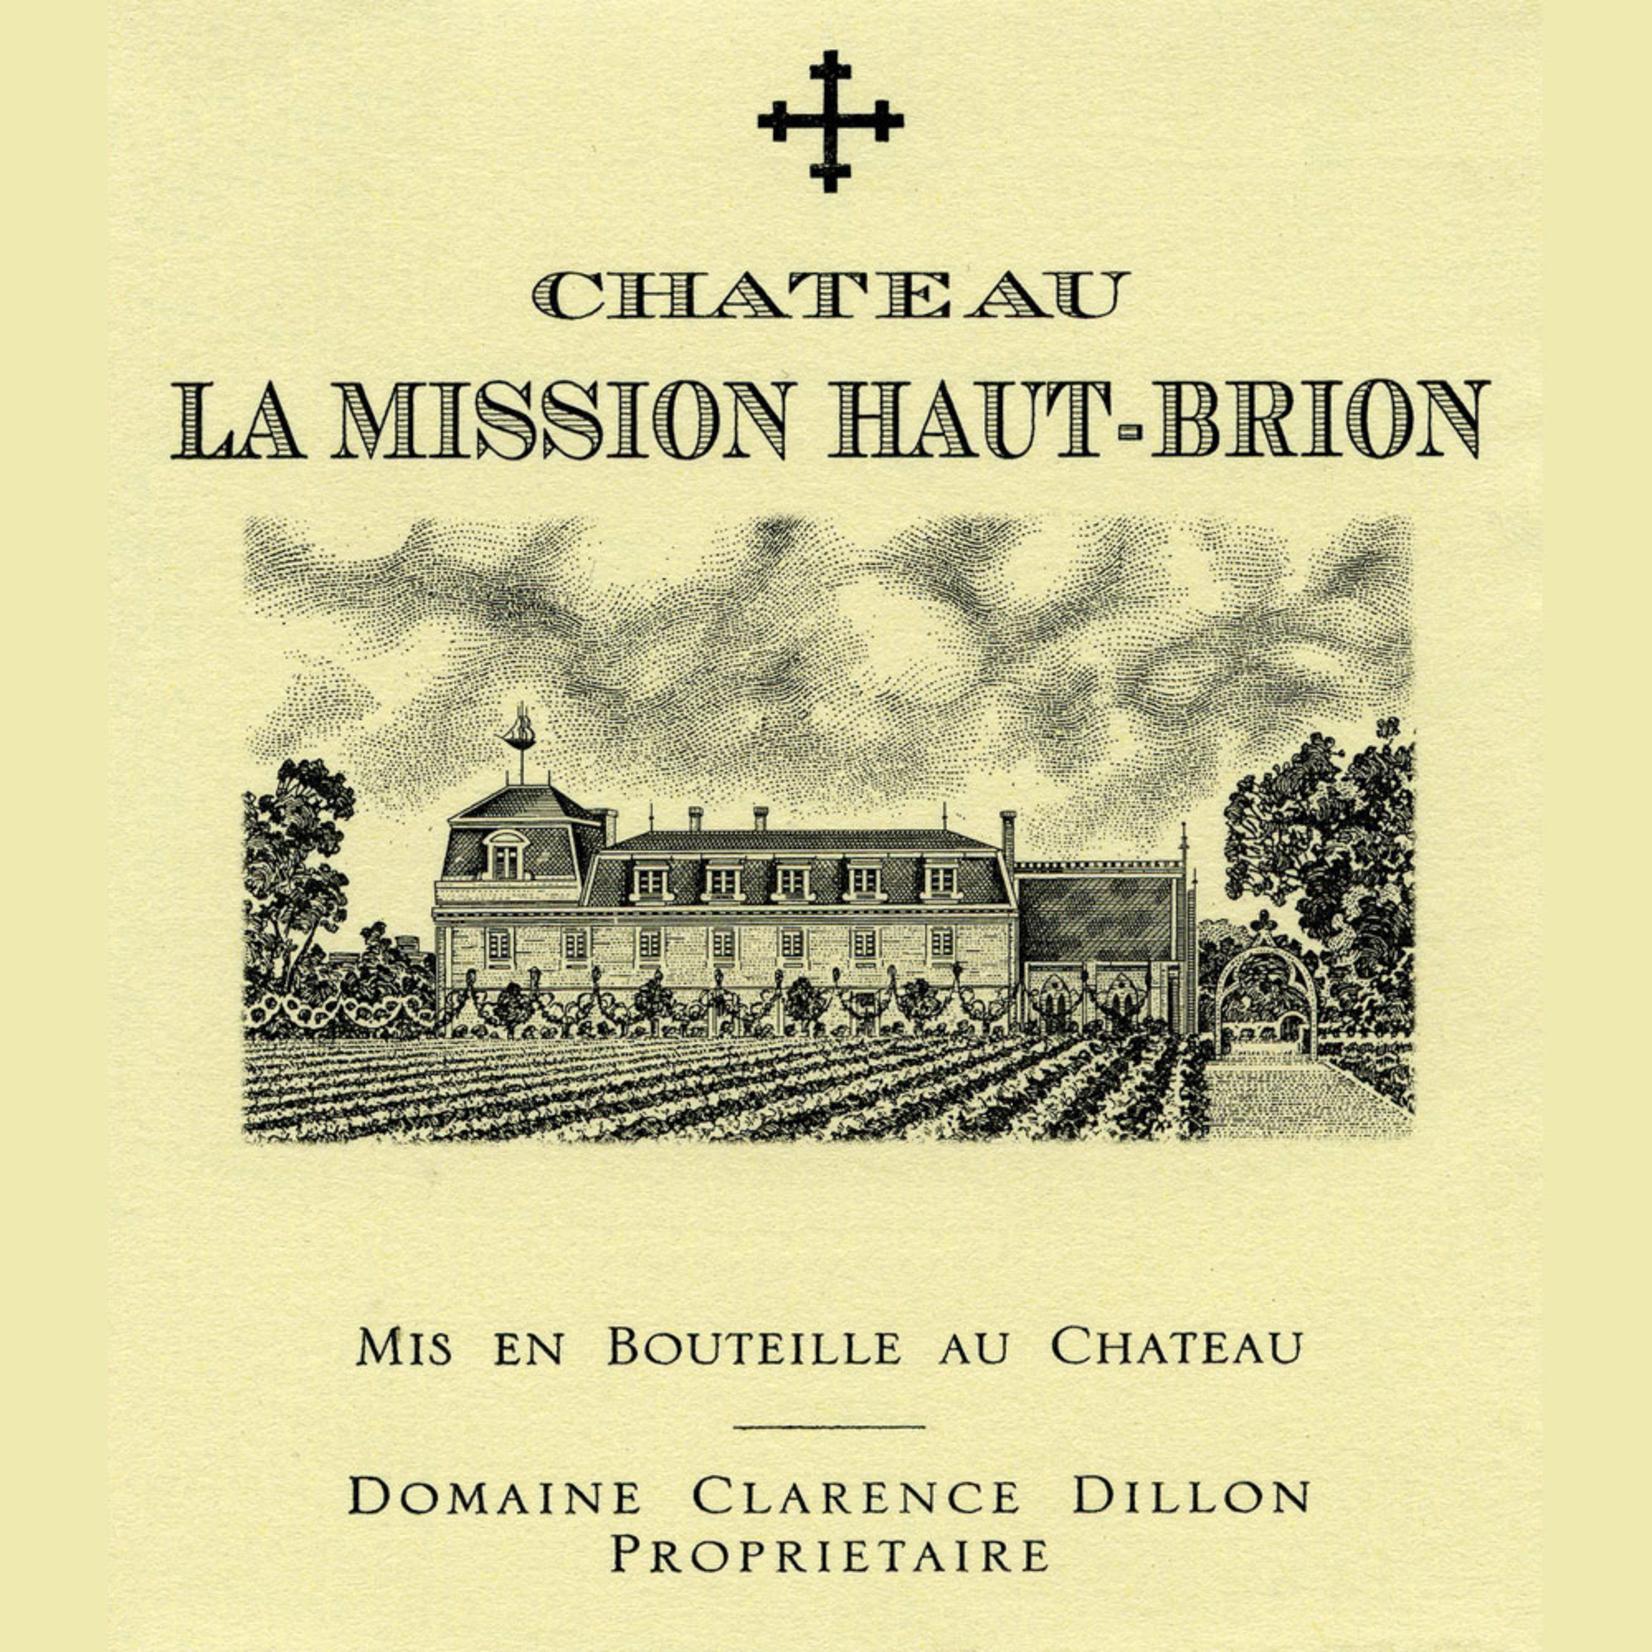 Wine Chateau La Mission Haut Brion Rouge 2000